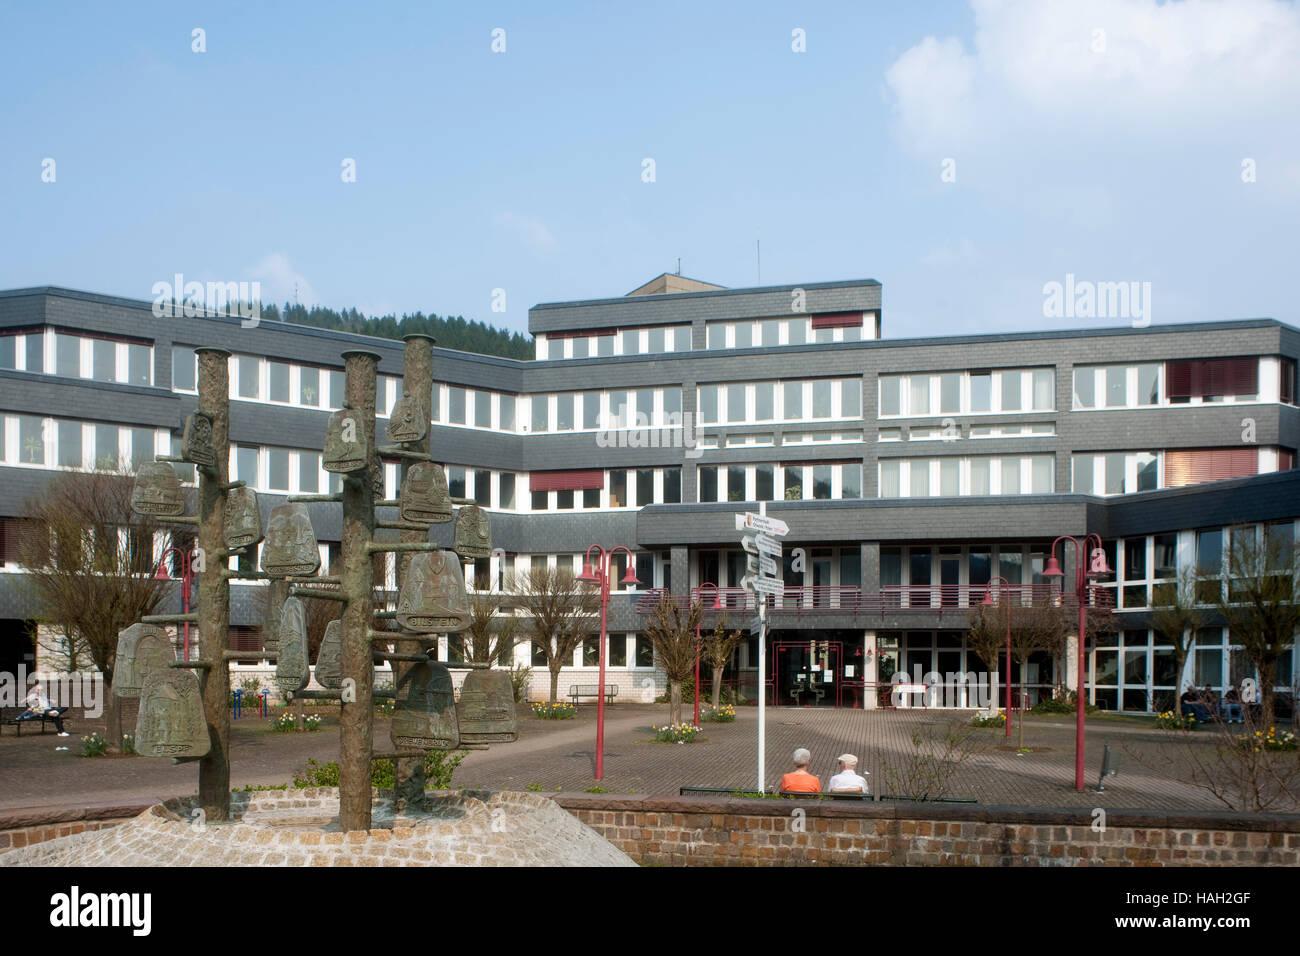 Deutschland, Nordrhein-Westfalen, Kreis Olpe, Lennestadt, Stadtteil Altenhundem, Rathaus - Stock Image